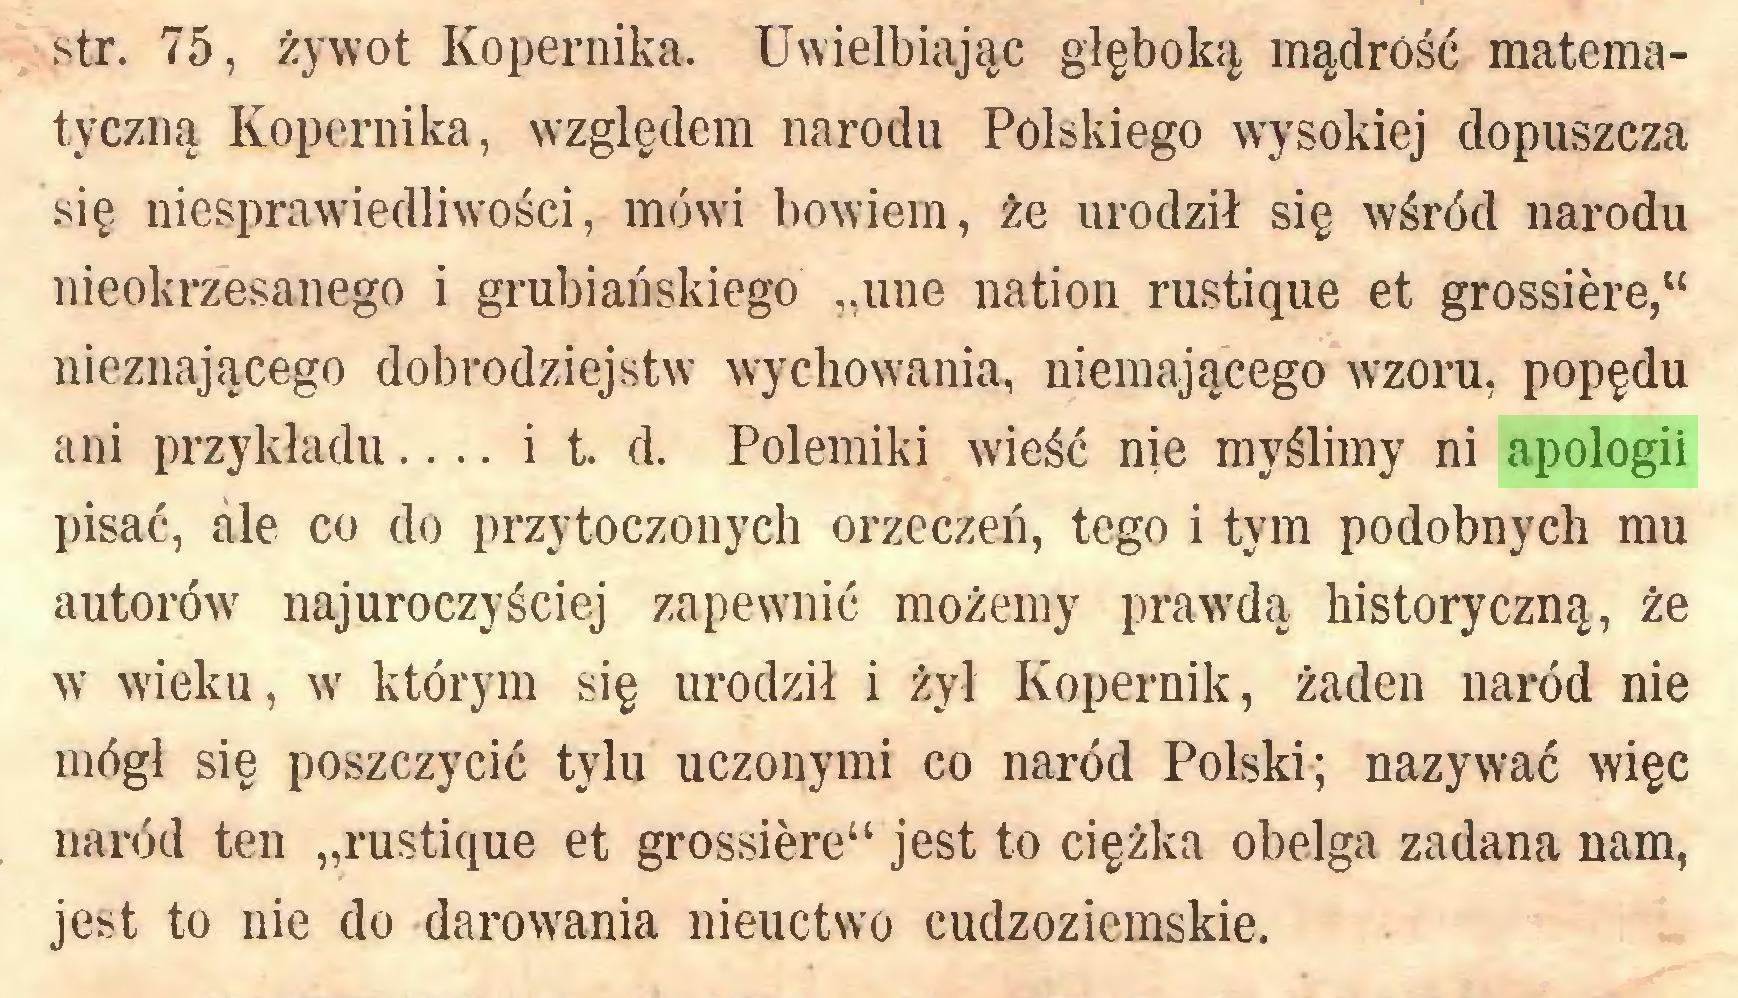 """(...) str. 75, żywot Kopernika. Uwielbiając głęboką mądrość matematyczną Kopernika, względem narodu Polskiego wysokiej dopuszcza się niesprawiedliwości, mówi bowiem, że urodził się wśród narodu nieokrzesanego i grubiańskiego """"une nation rustique et grossière,"""" nieznającego dobrodziejstw wychowania, niemającego wzoru, popędu ani przykładu... i t. d. Polemiki wieść nie myślimy ni apologii pisać, ale co do przytoczonych orzeczeń, tego i tym podobnych mu autorów najuroczyściej zapewnić możemy prawdą historyczną, że w wieku, w którym się urodził i żył Kopernik, żaden naród nie mógł się poszczycić tylu uczonymi co naród Polski; nazywać więc naród ten """"rustique et grossière"""" jest to ciężka obelga zadana nam, jest to nie do darowania nieuctwo cudzoziemskie..."""